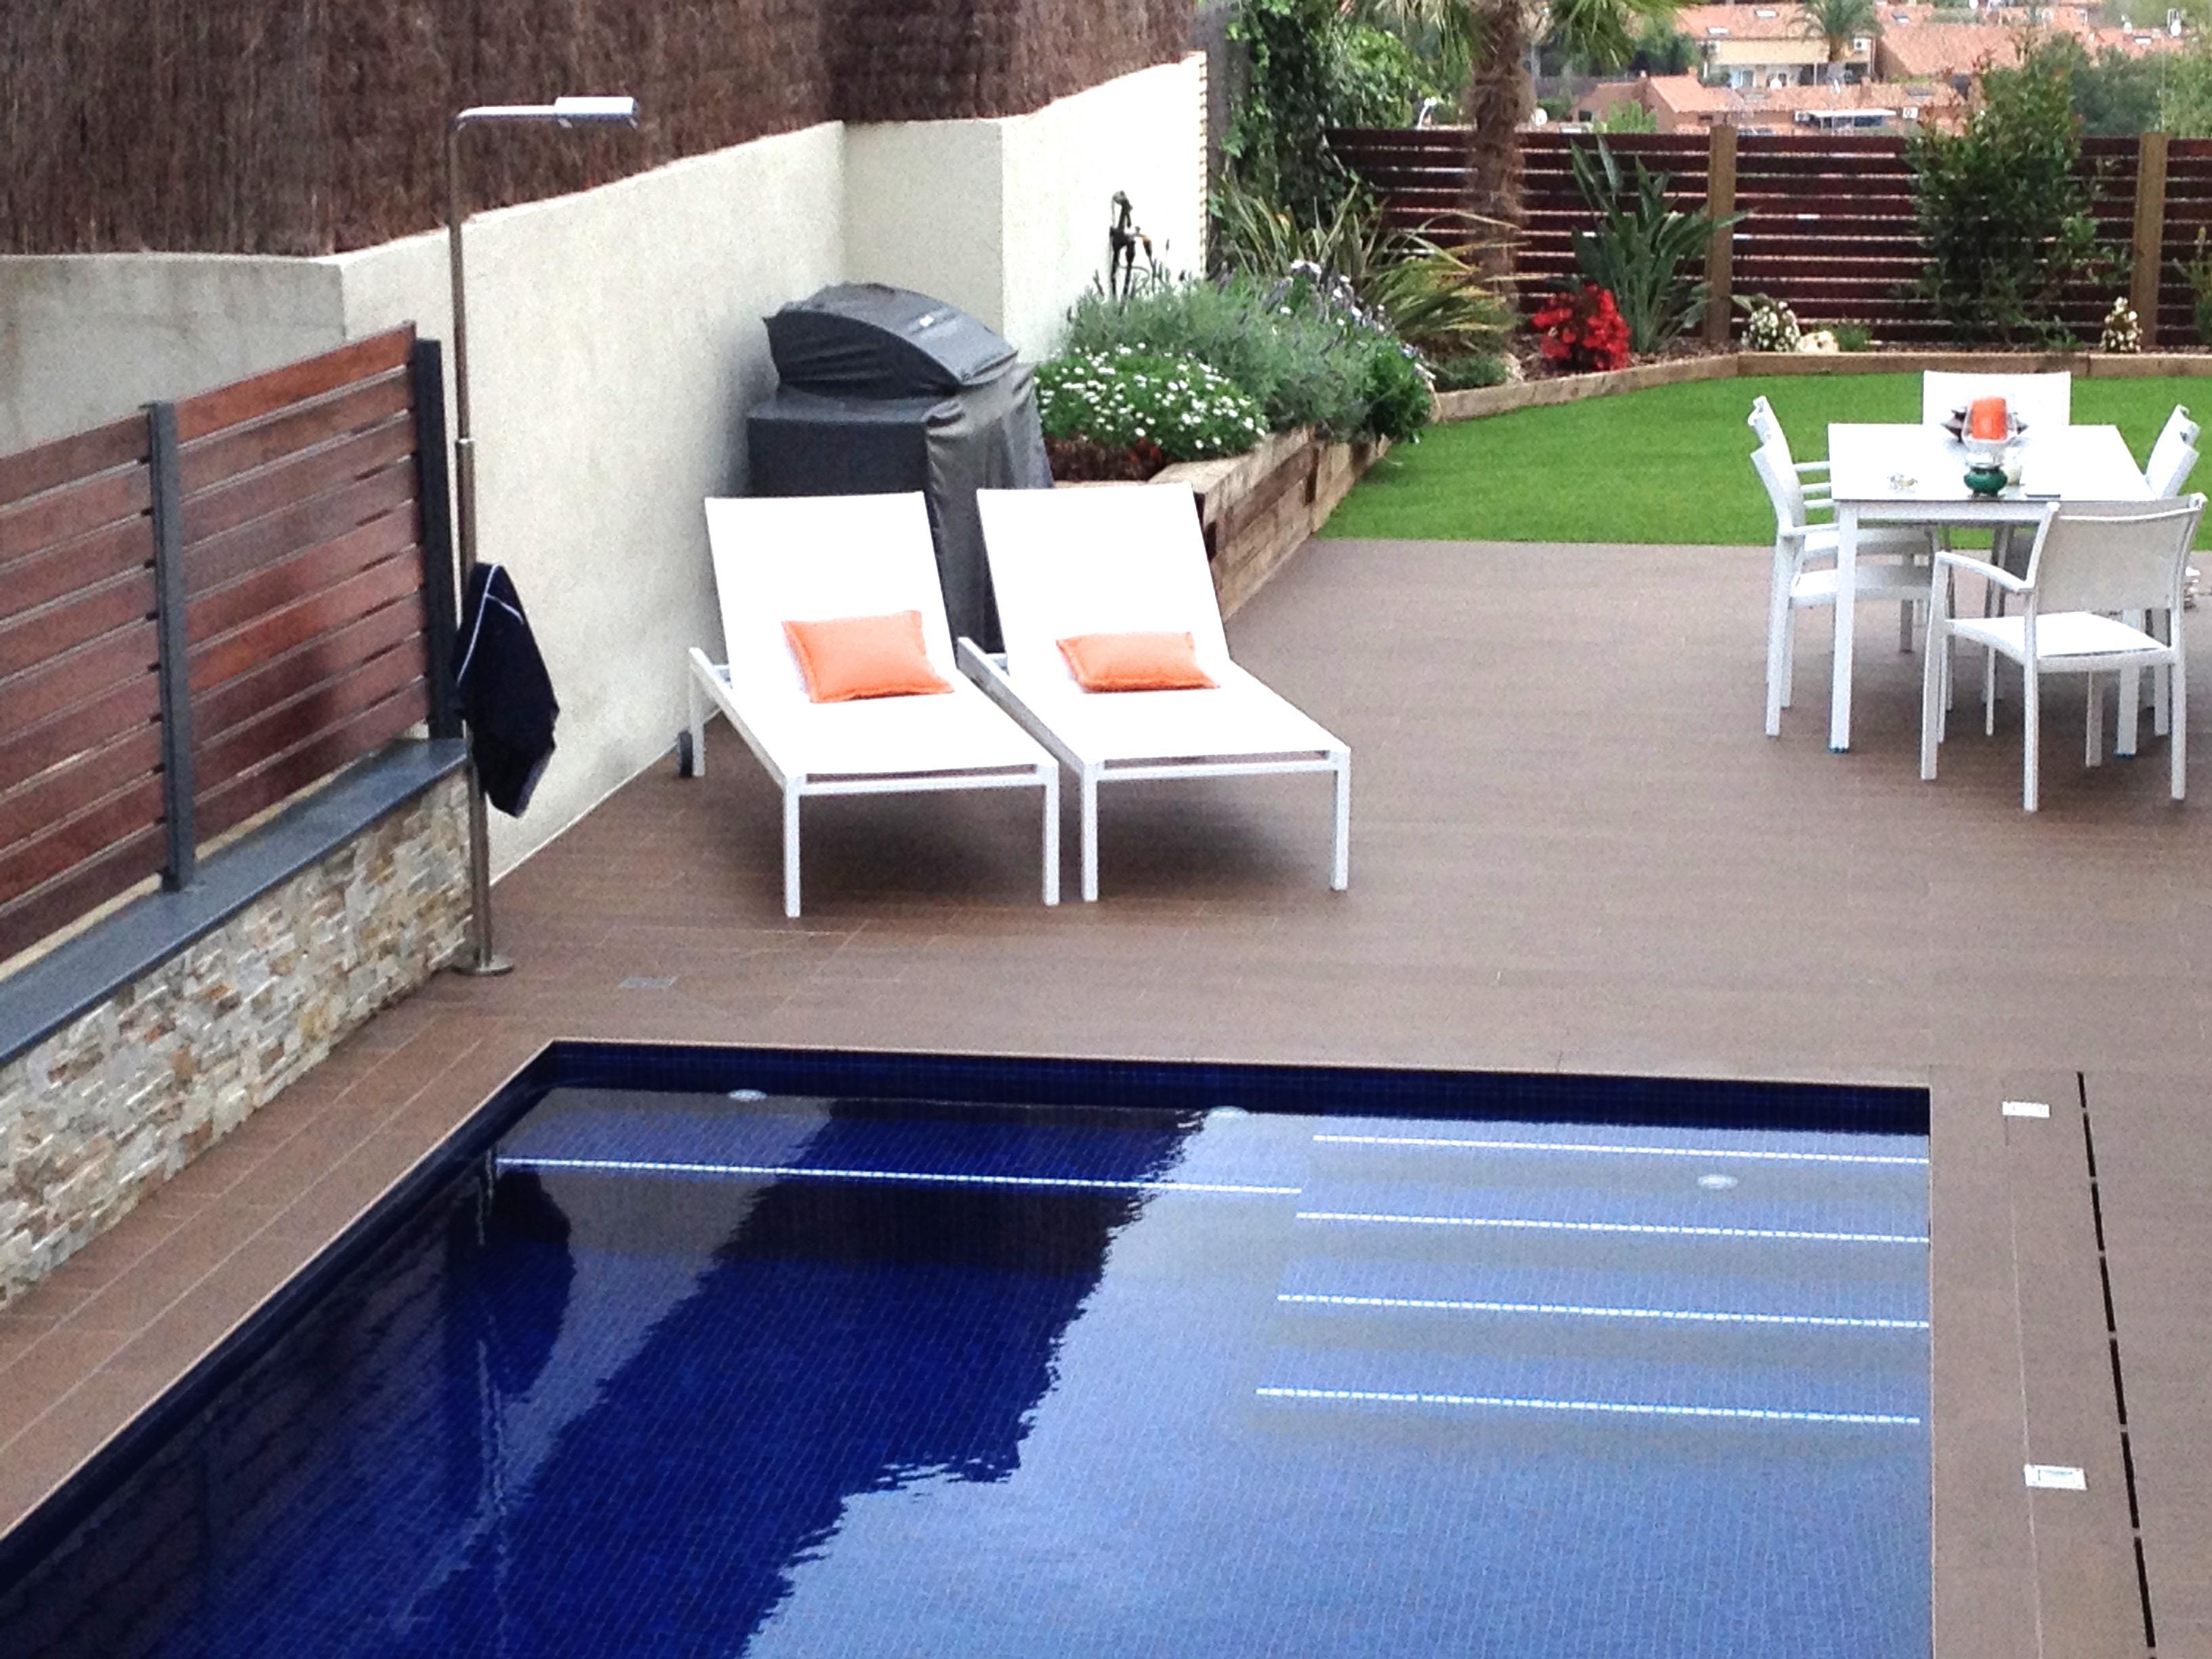 Noticias de construcci n de piscinas piscinas aop part 5 for Piscinas de plastico para jardin